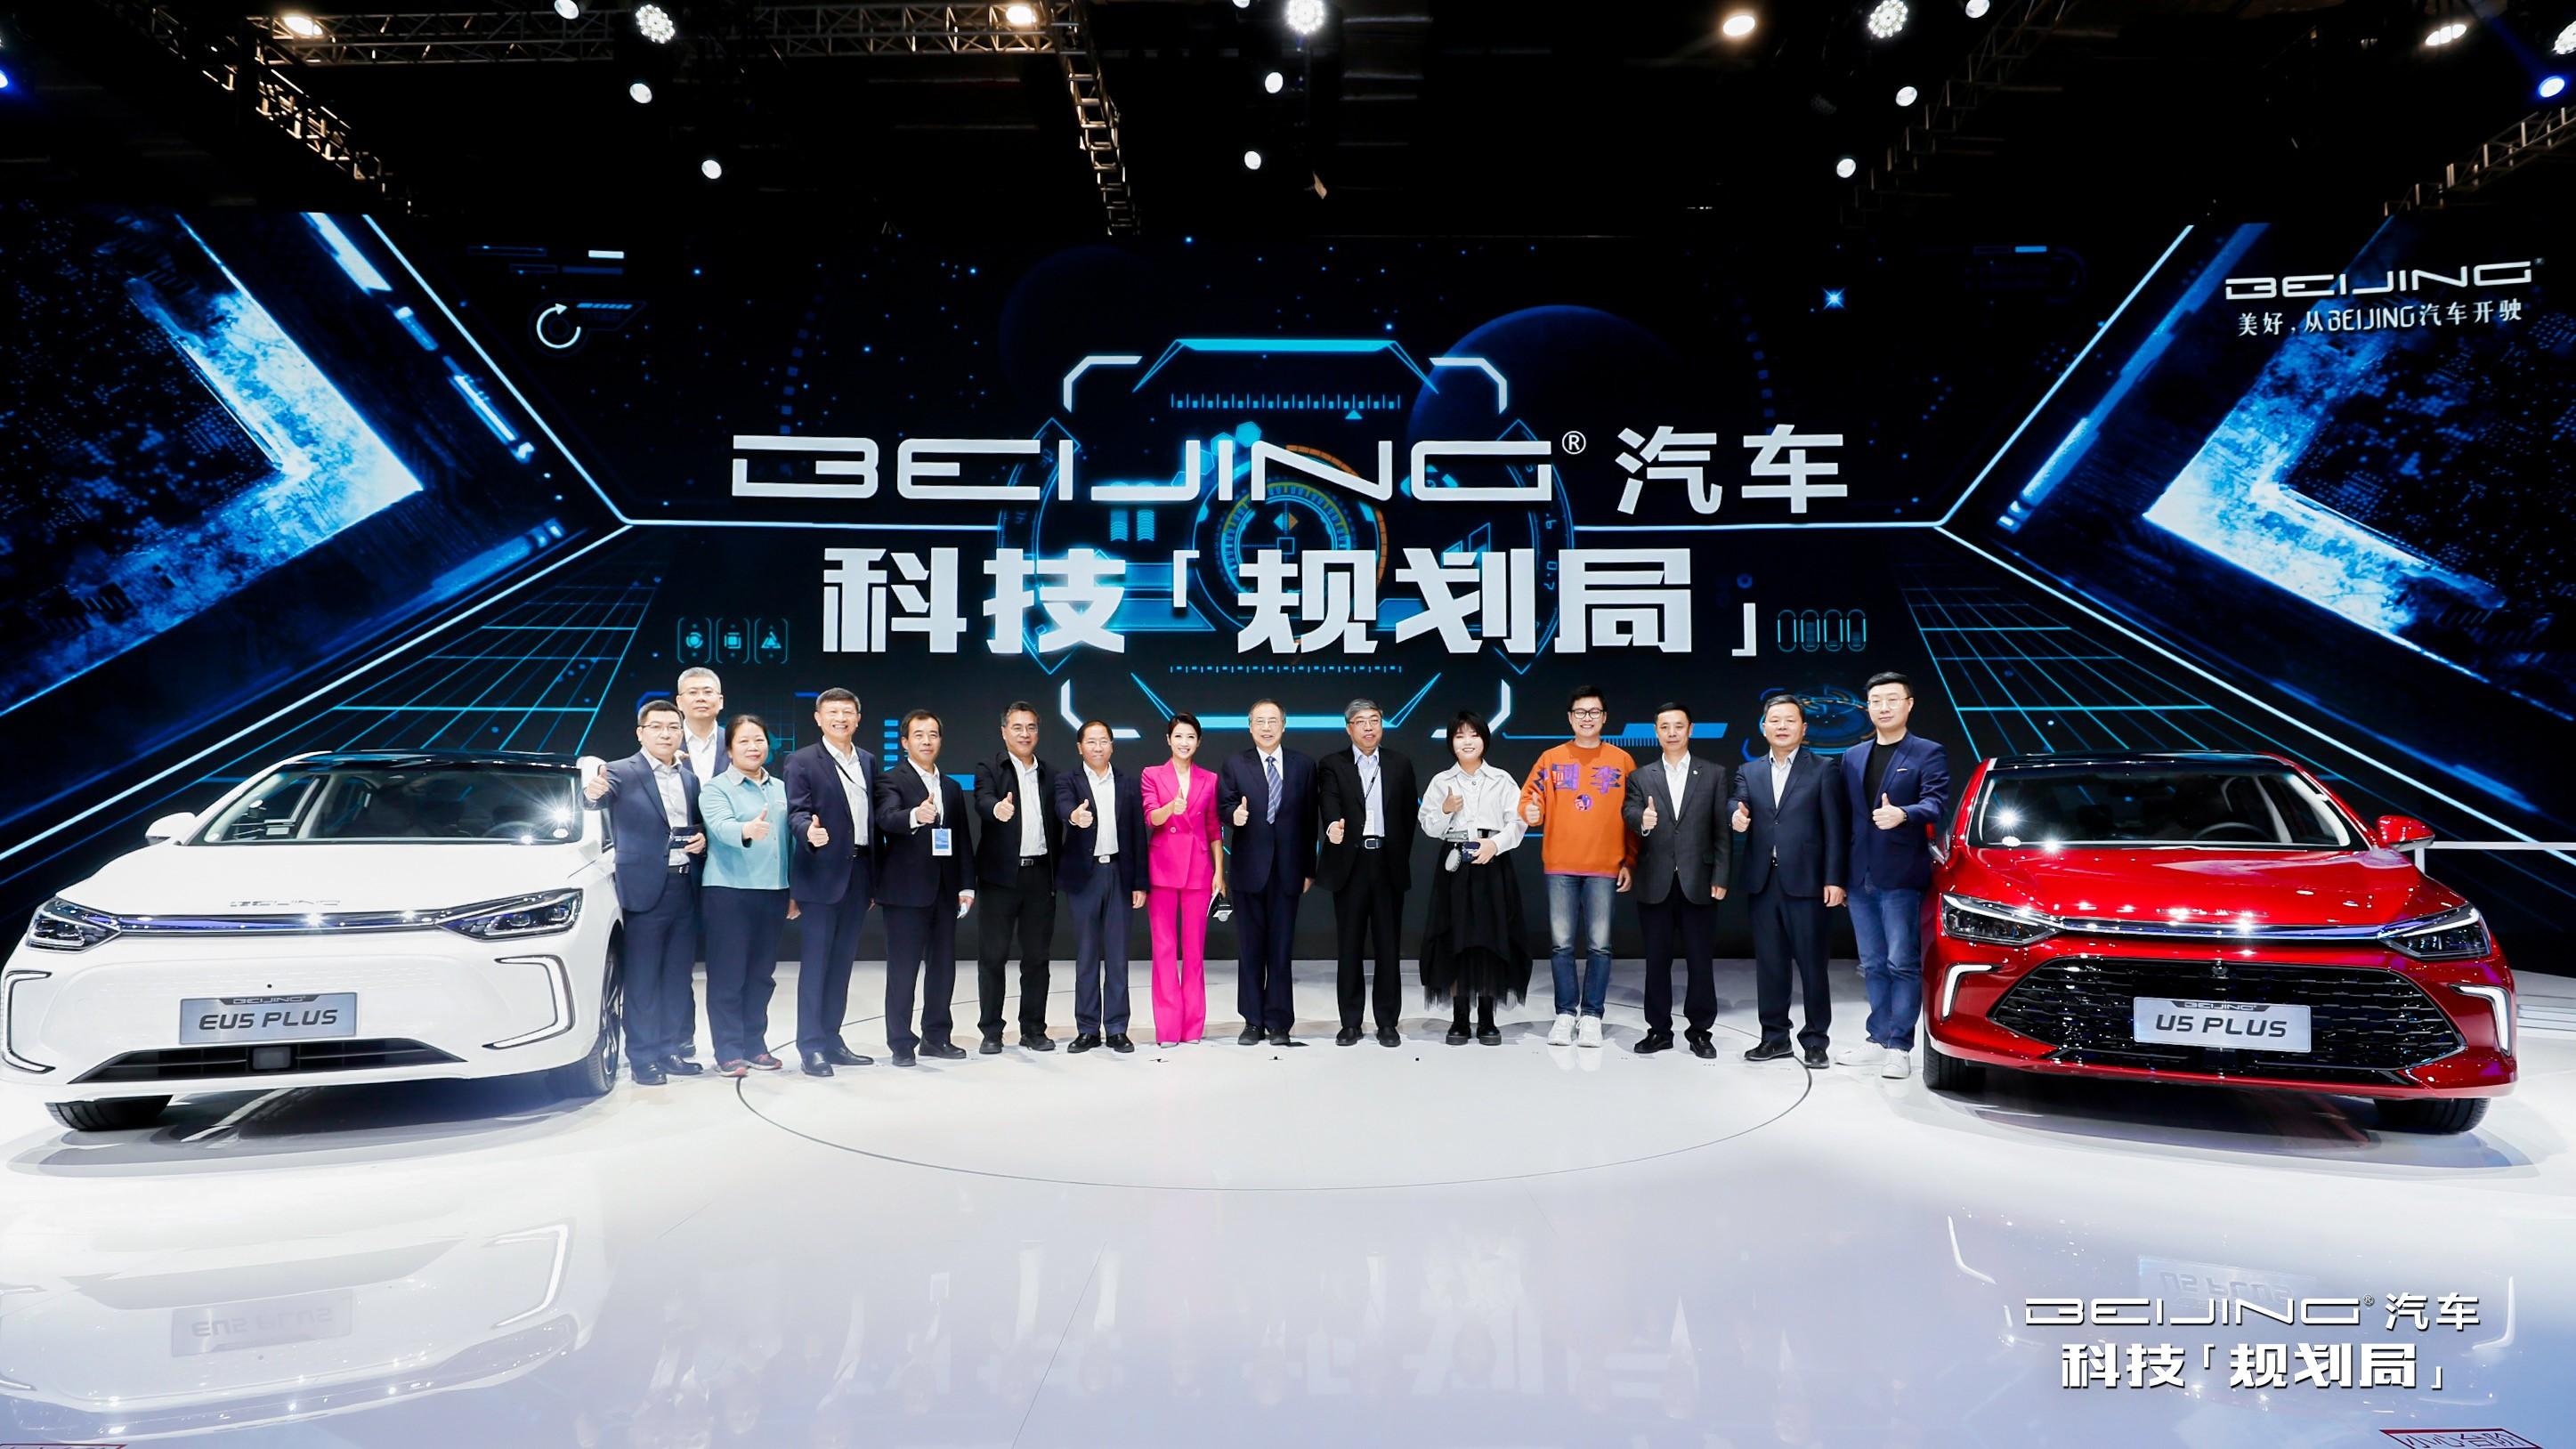 技术驱动,用户共情:李雪琴这次折服于北京汽车